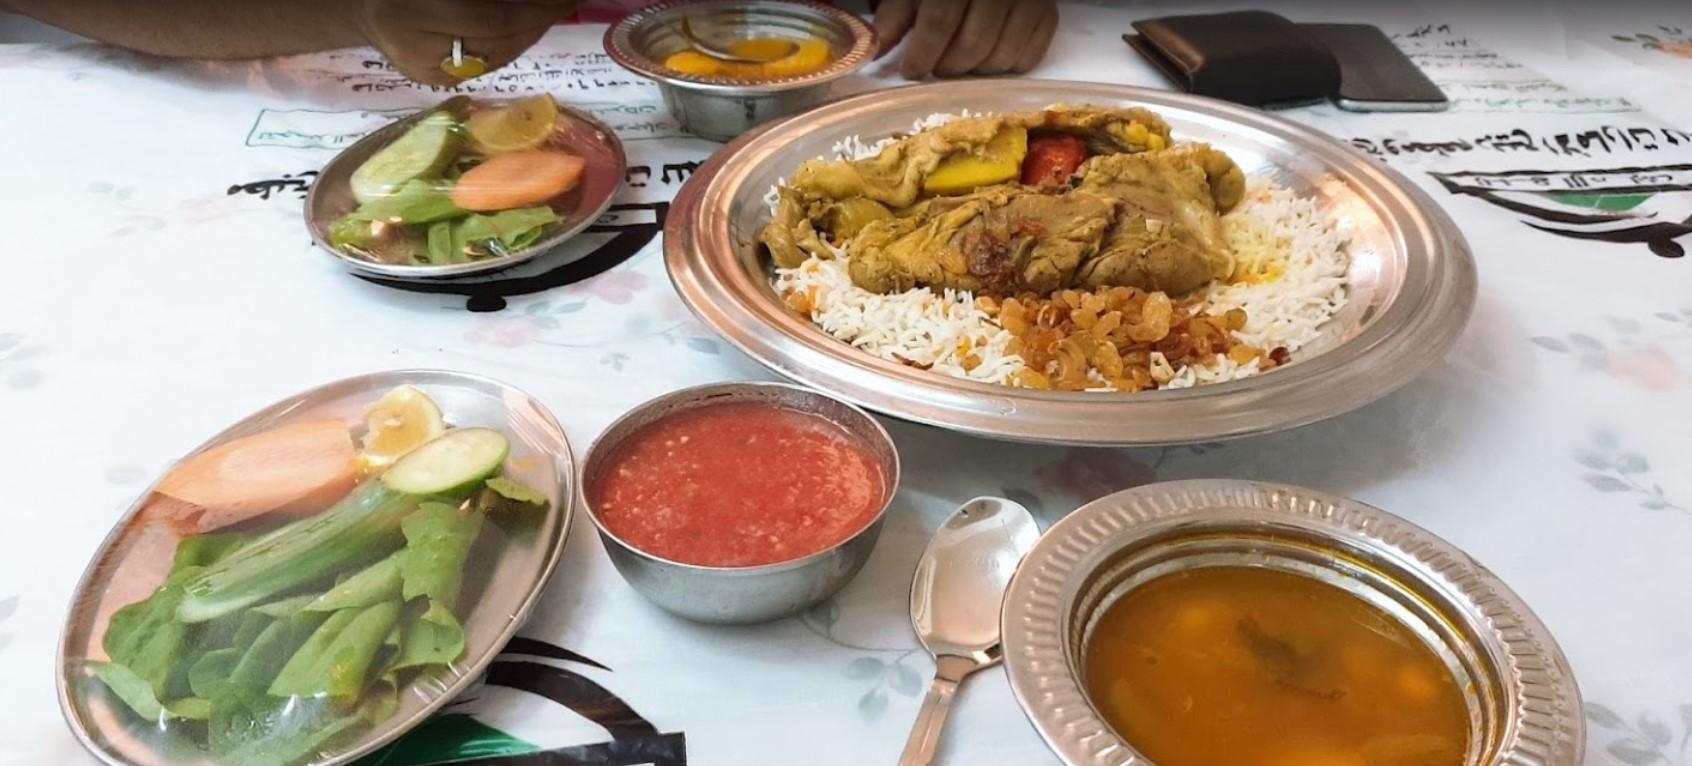 مطعم ربيع الامارات